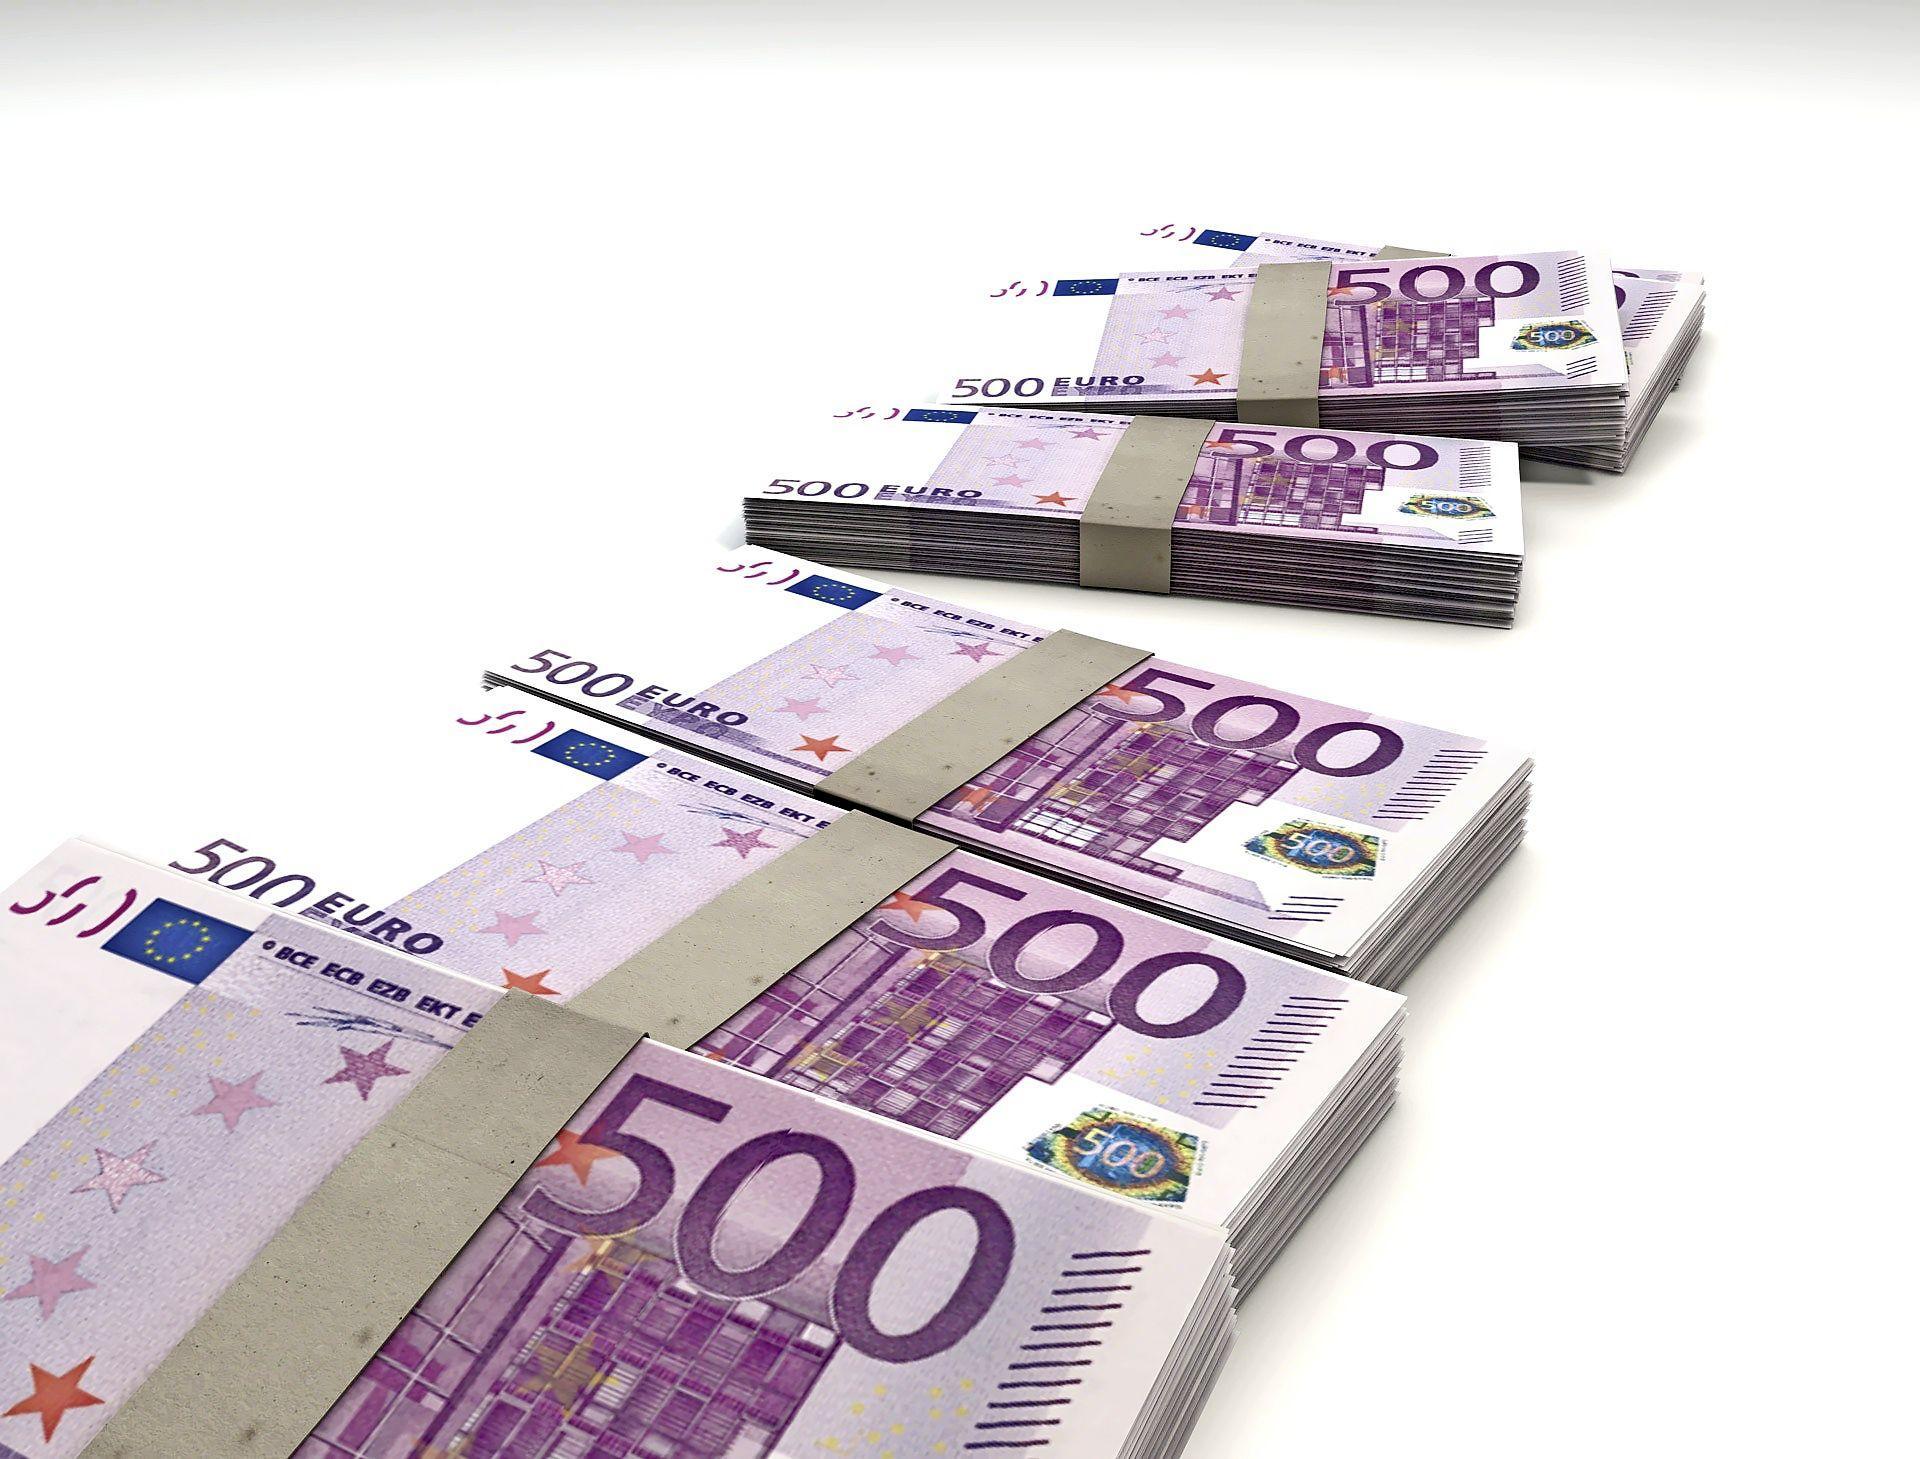 Veiligheidsregio Gooi en Vechtstreek houdt bijna een miljoen euro over, gemeenten krijgen deel bijdrage terug